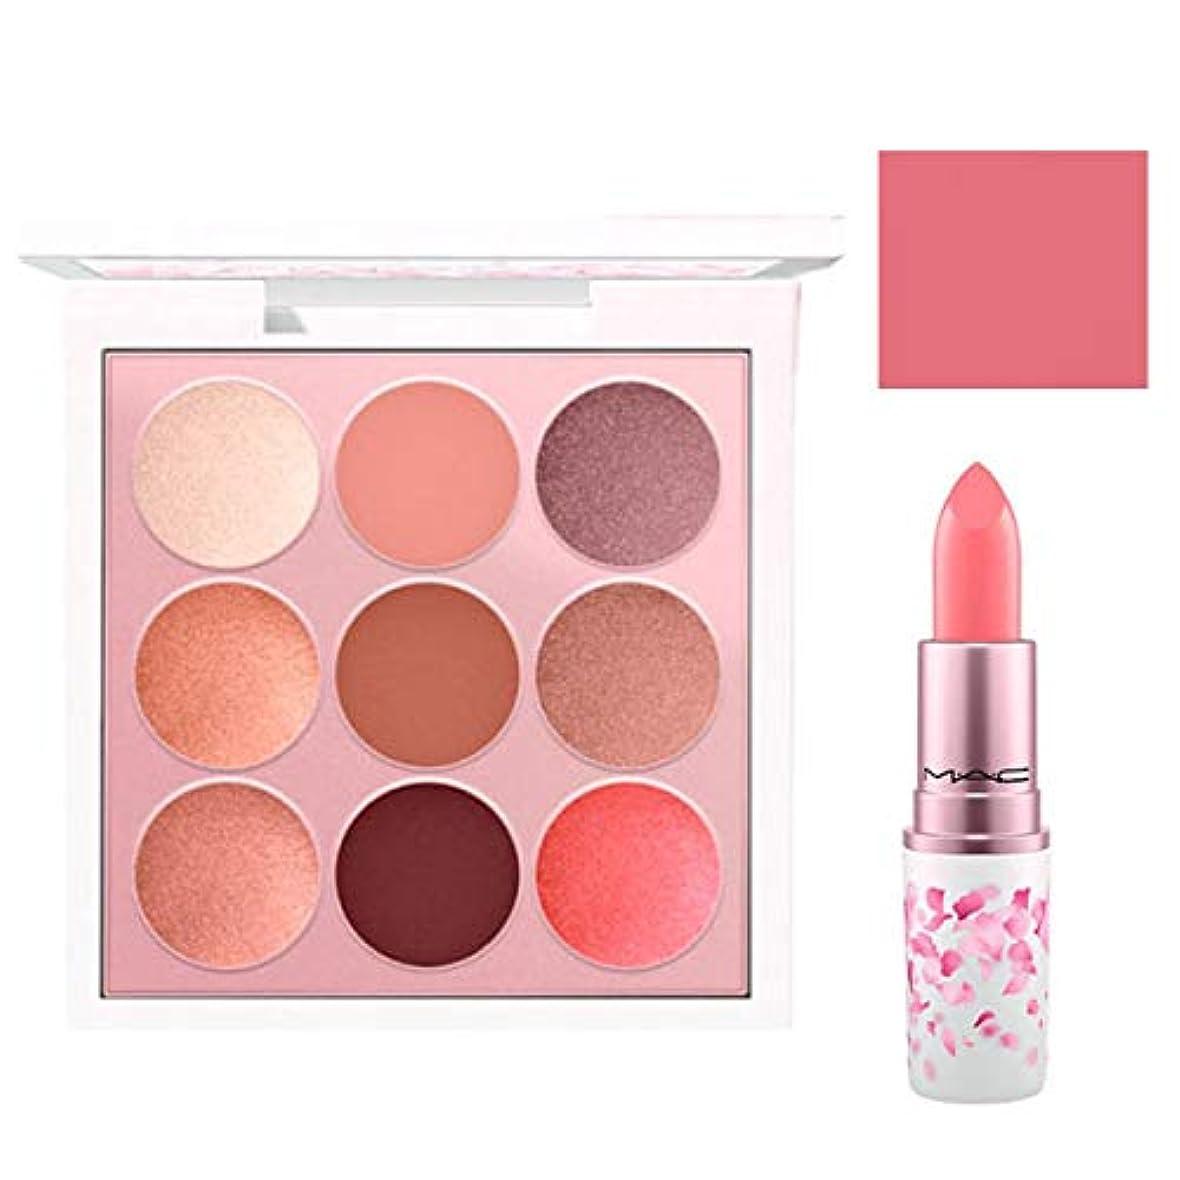 オーバーコートきれいに助手M.A.C 限定版, Boom, Boom, Bloom EyeShadow & Lipstick (Kabuki Doll Palette & Hi-Fructease) [海外直送品] [並行輸入品]